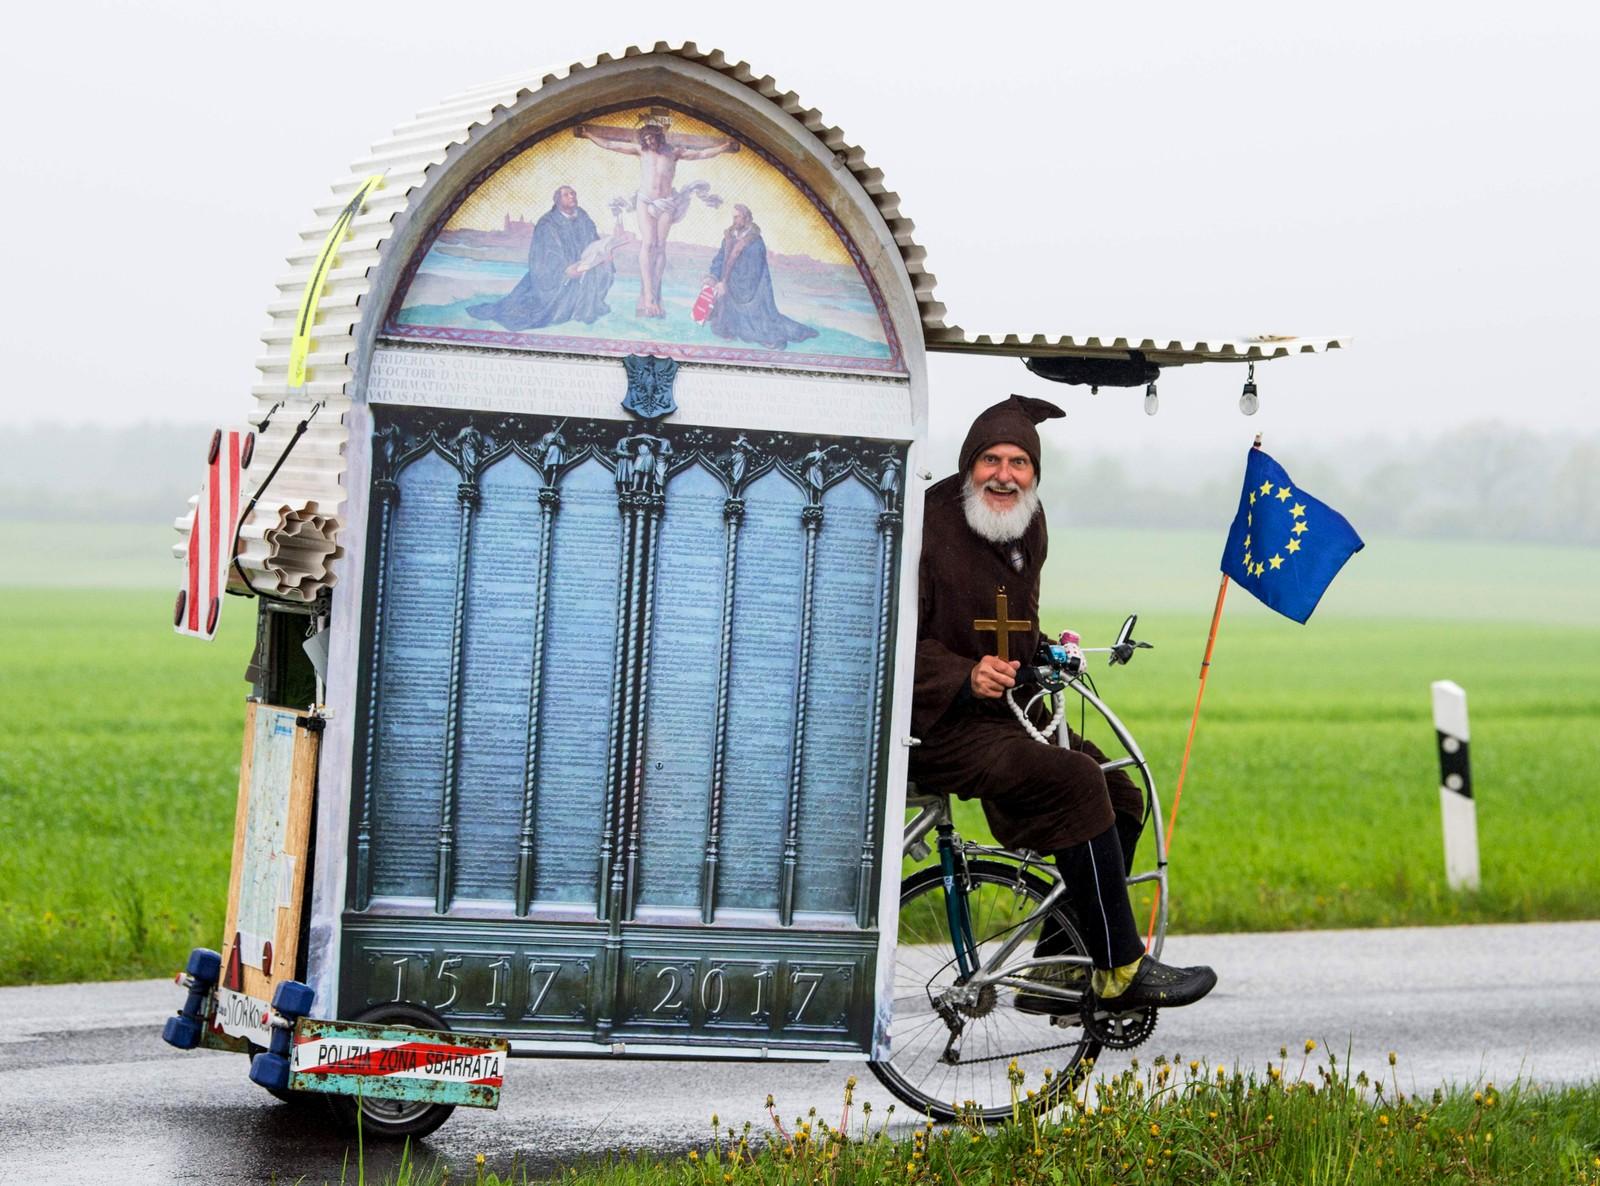 """Den tyske sykkelentusiasten Dieter """"Didi"""" Senft med noe han kaller Luther-mobilen. Det er en slags gjenskapelse av de 95 tesene Luther hang på døren til slottskirken i Wittenberg"""